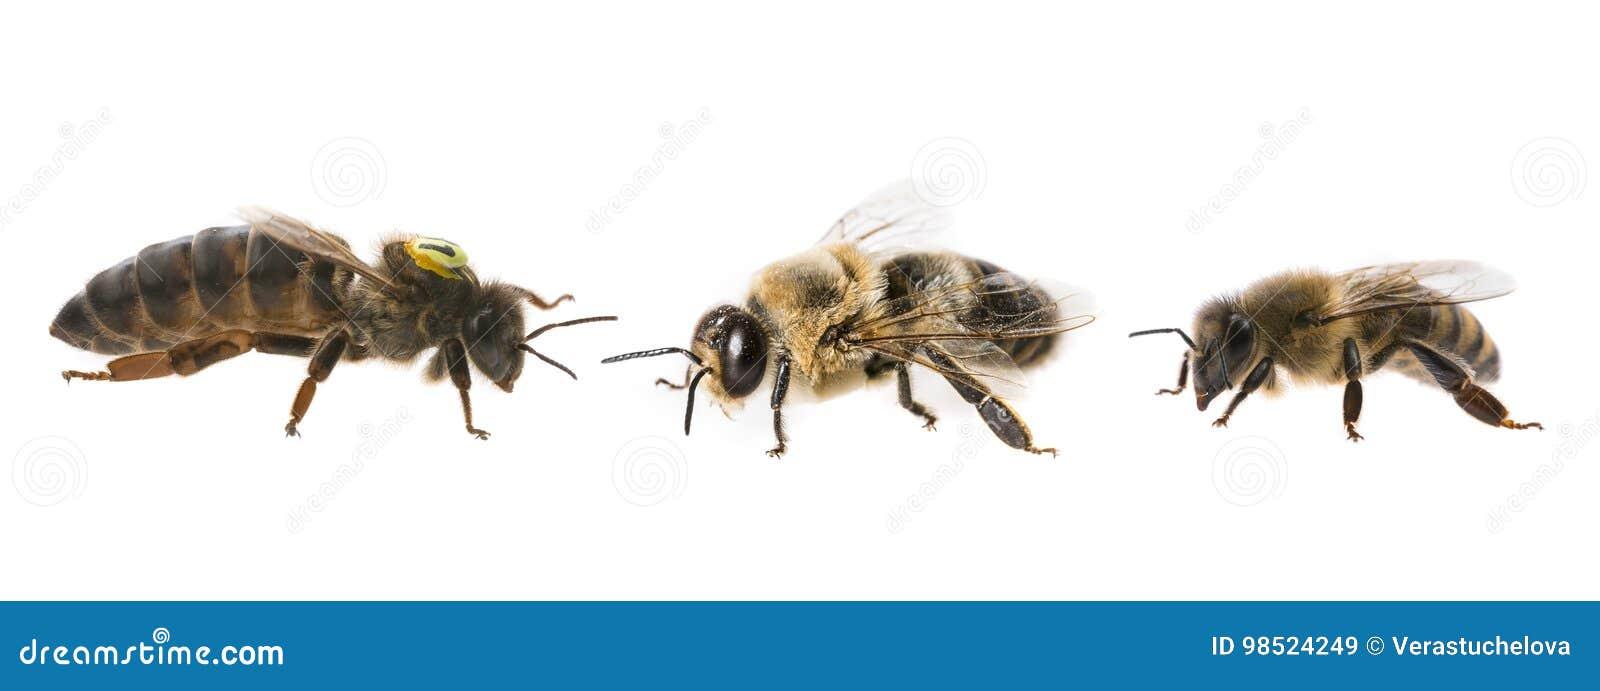 Μητέρα βασίλισσας μελισσών και κηφήνας και εργαζόμενος μελισσών - τρεις τύποι μελισσών